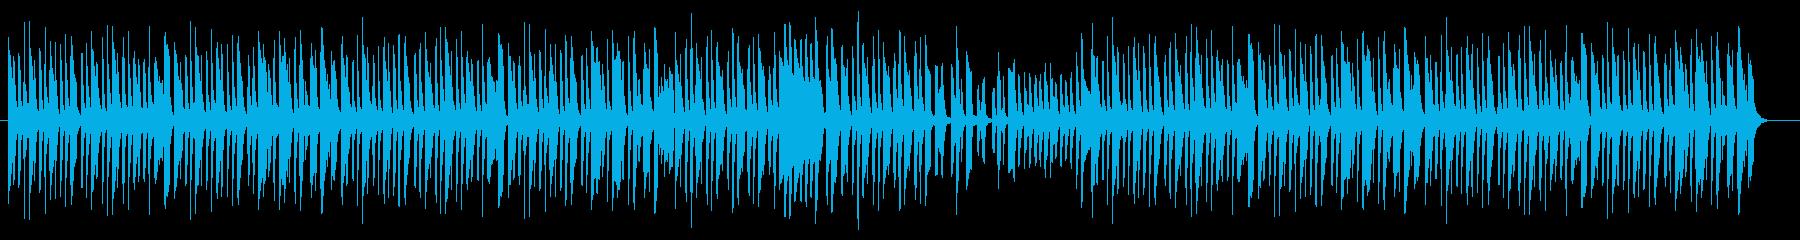 メルヘン音楽隊が奏でるお料理BGMの再生済みの波形